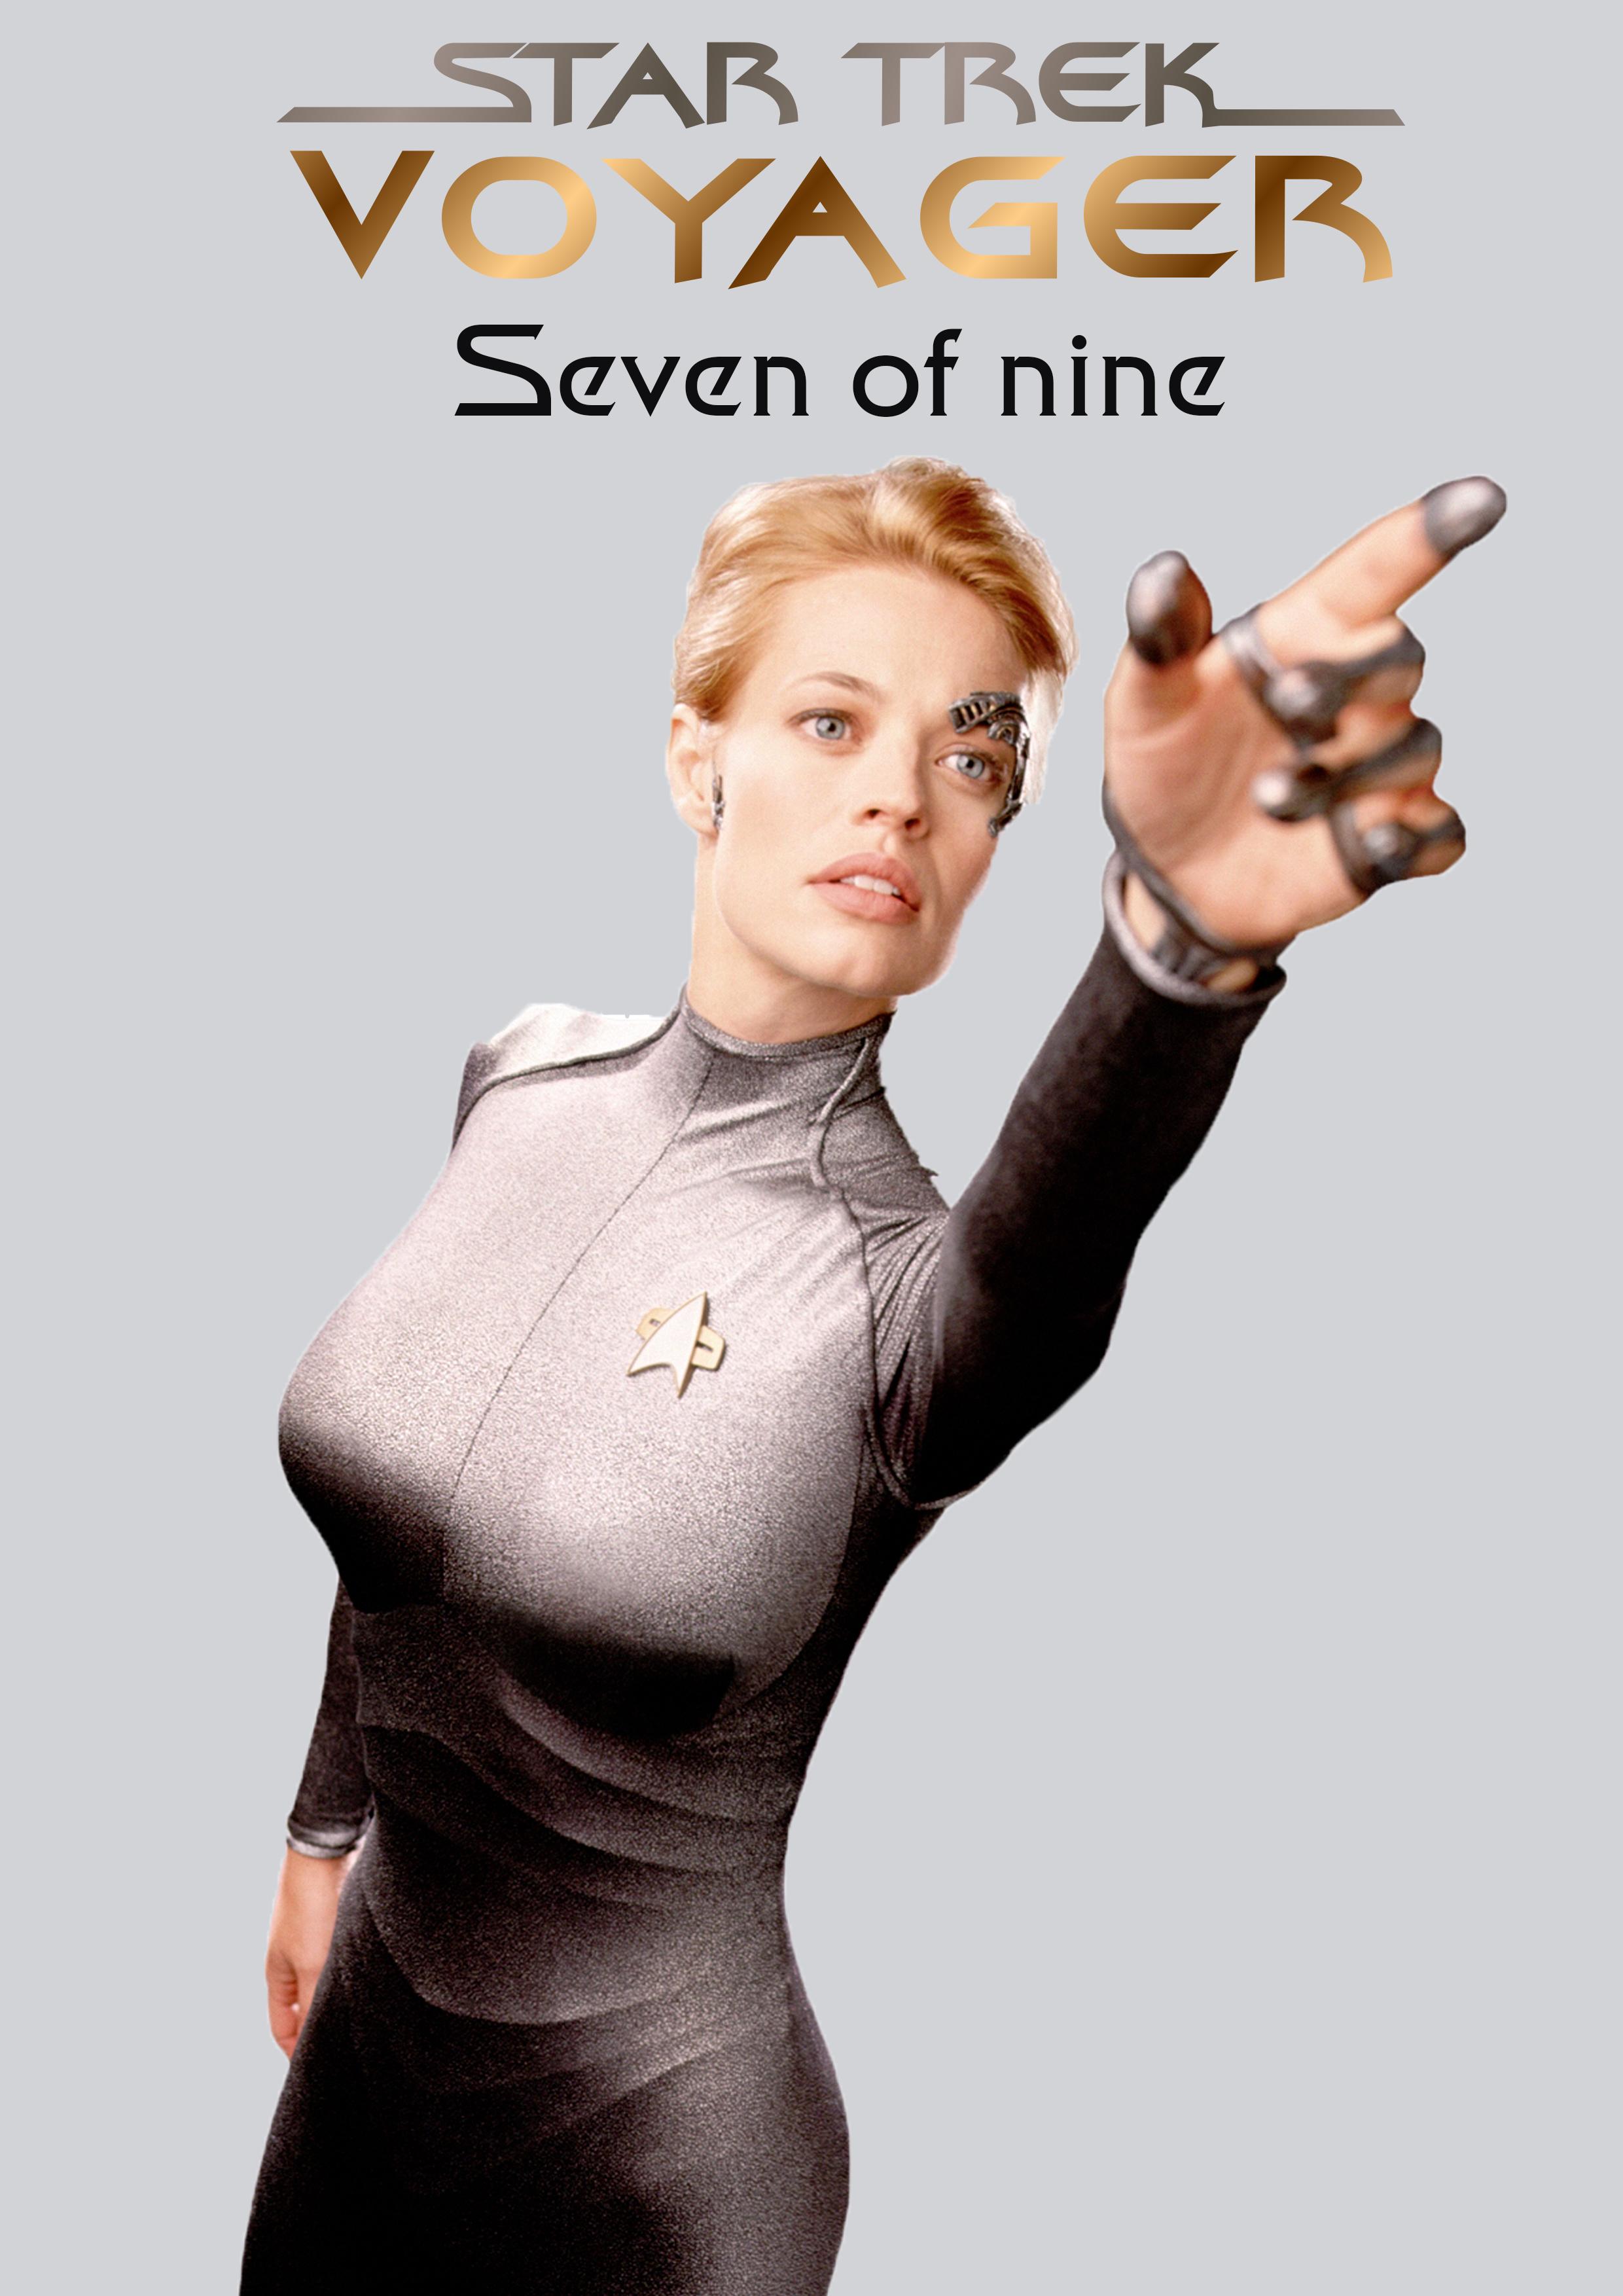 Seven Of Nine Poster (by Jonathan Slack) by Jslack97 on DeviantArt